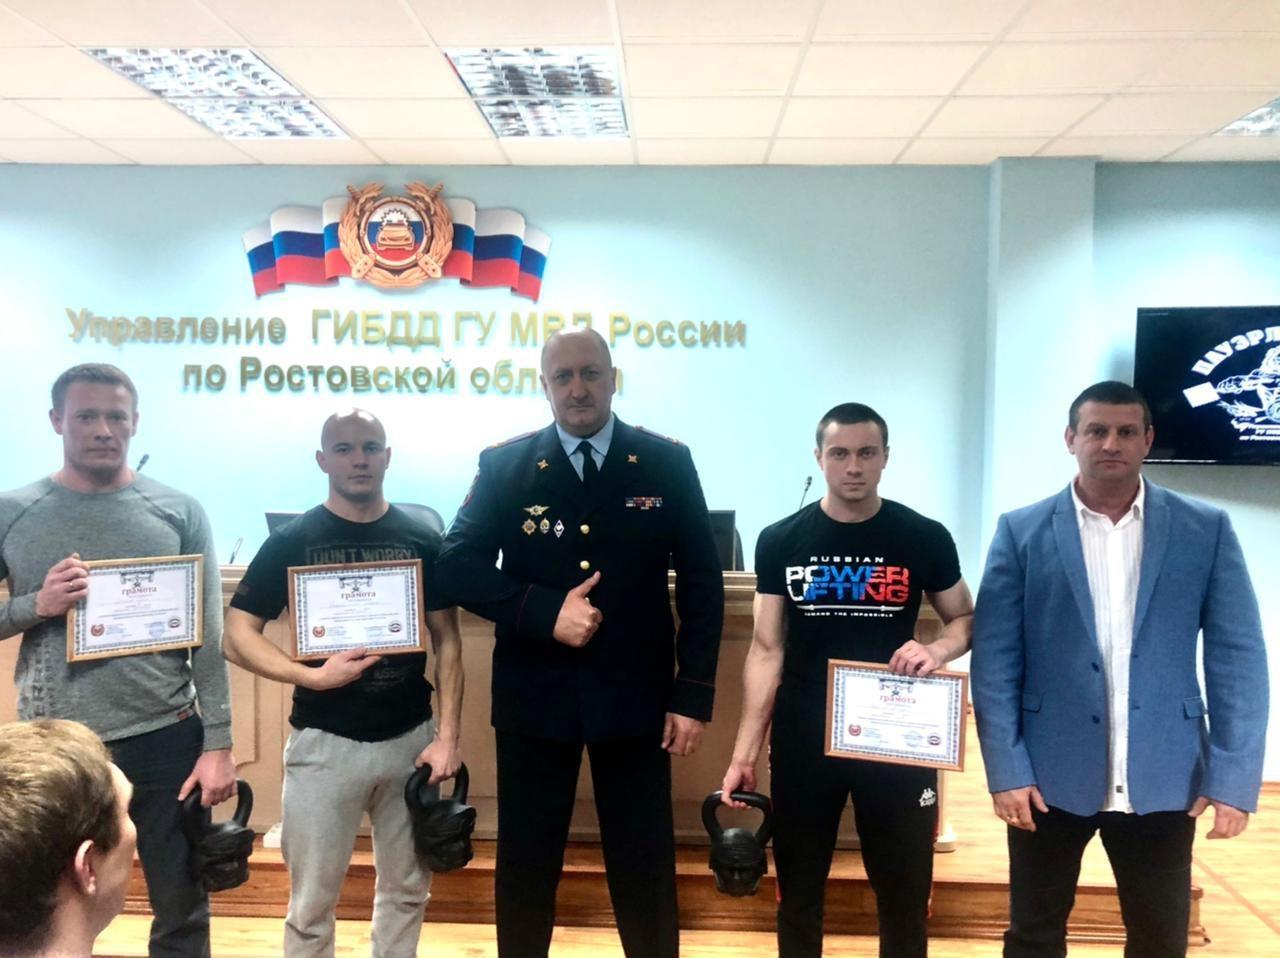 Сотрудники МЧС приняли участие в соревнованиях по пауэрлифтингу